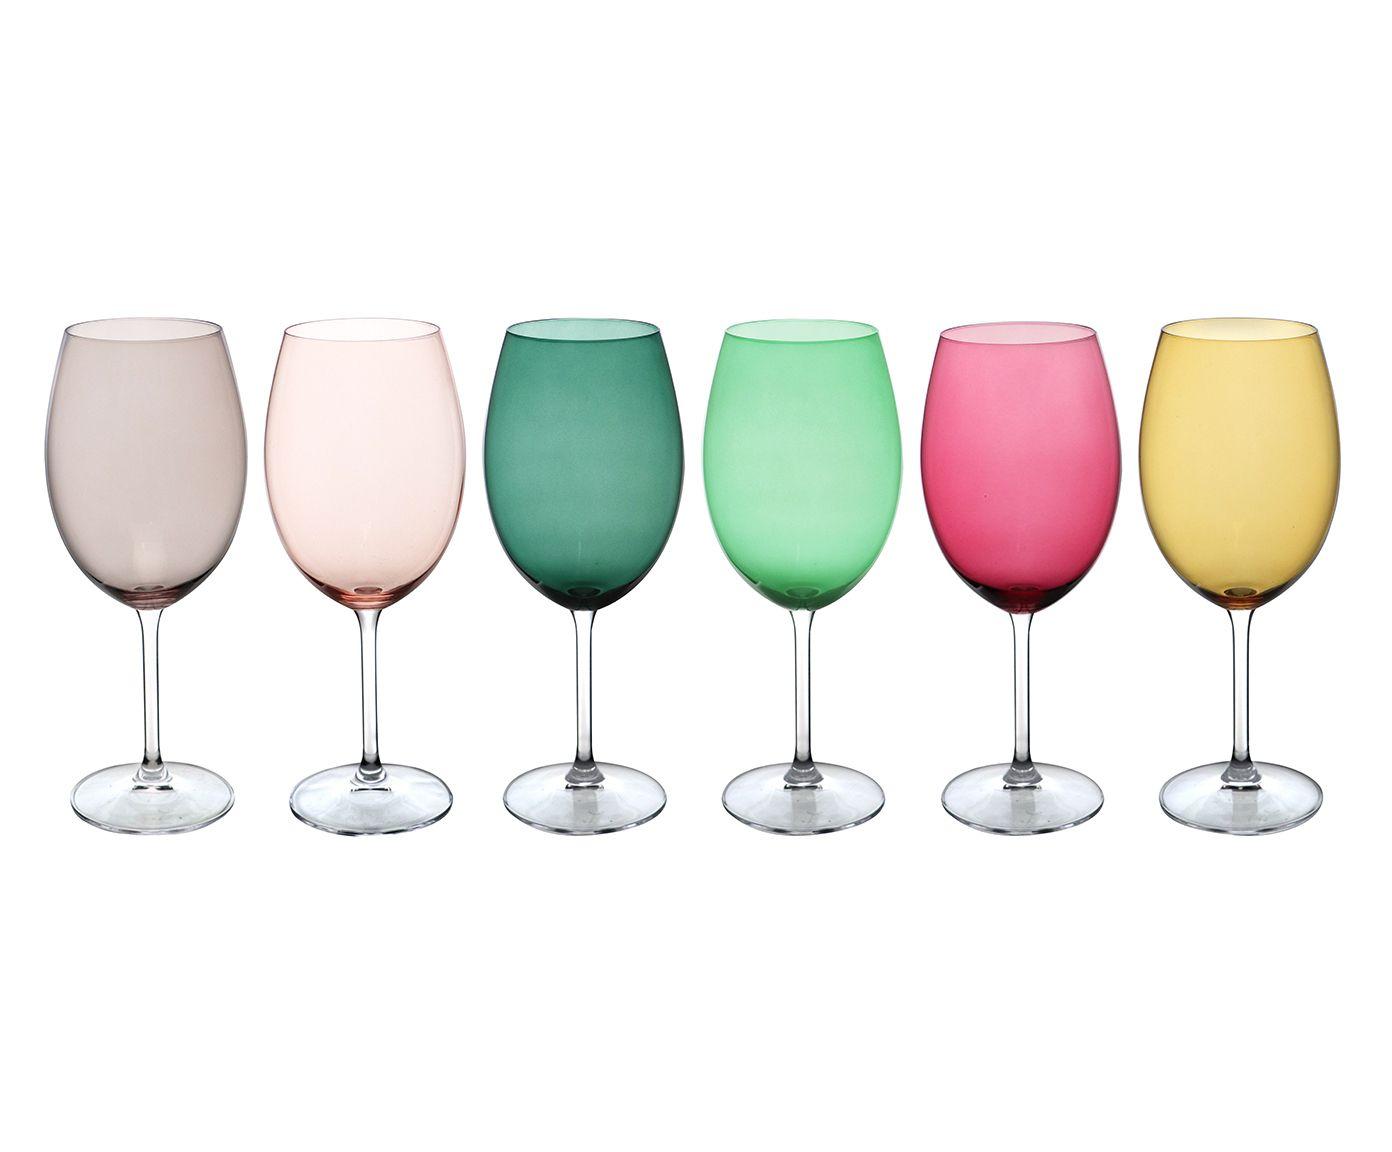 Jogo de Taças em Cristal Ecológico para Água Gastro Colors - 580ml | Westwing.com.br